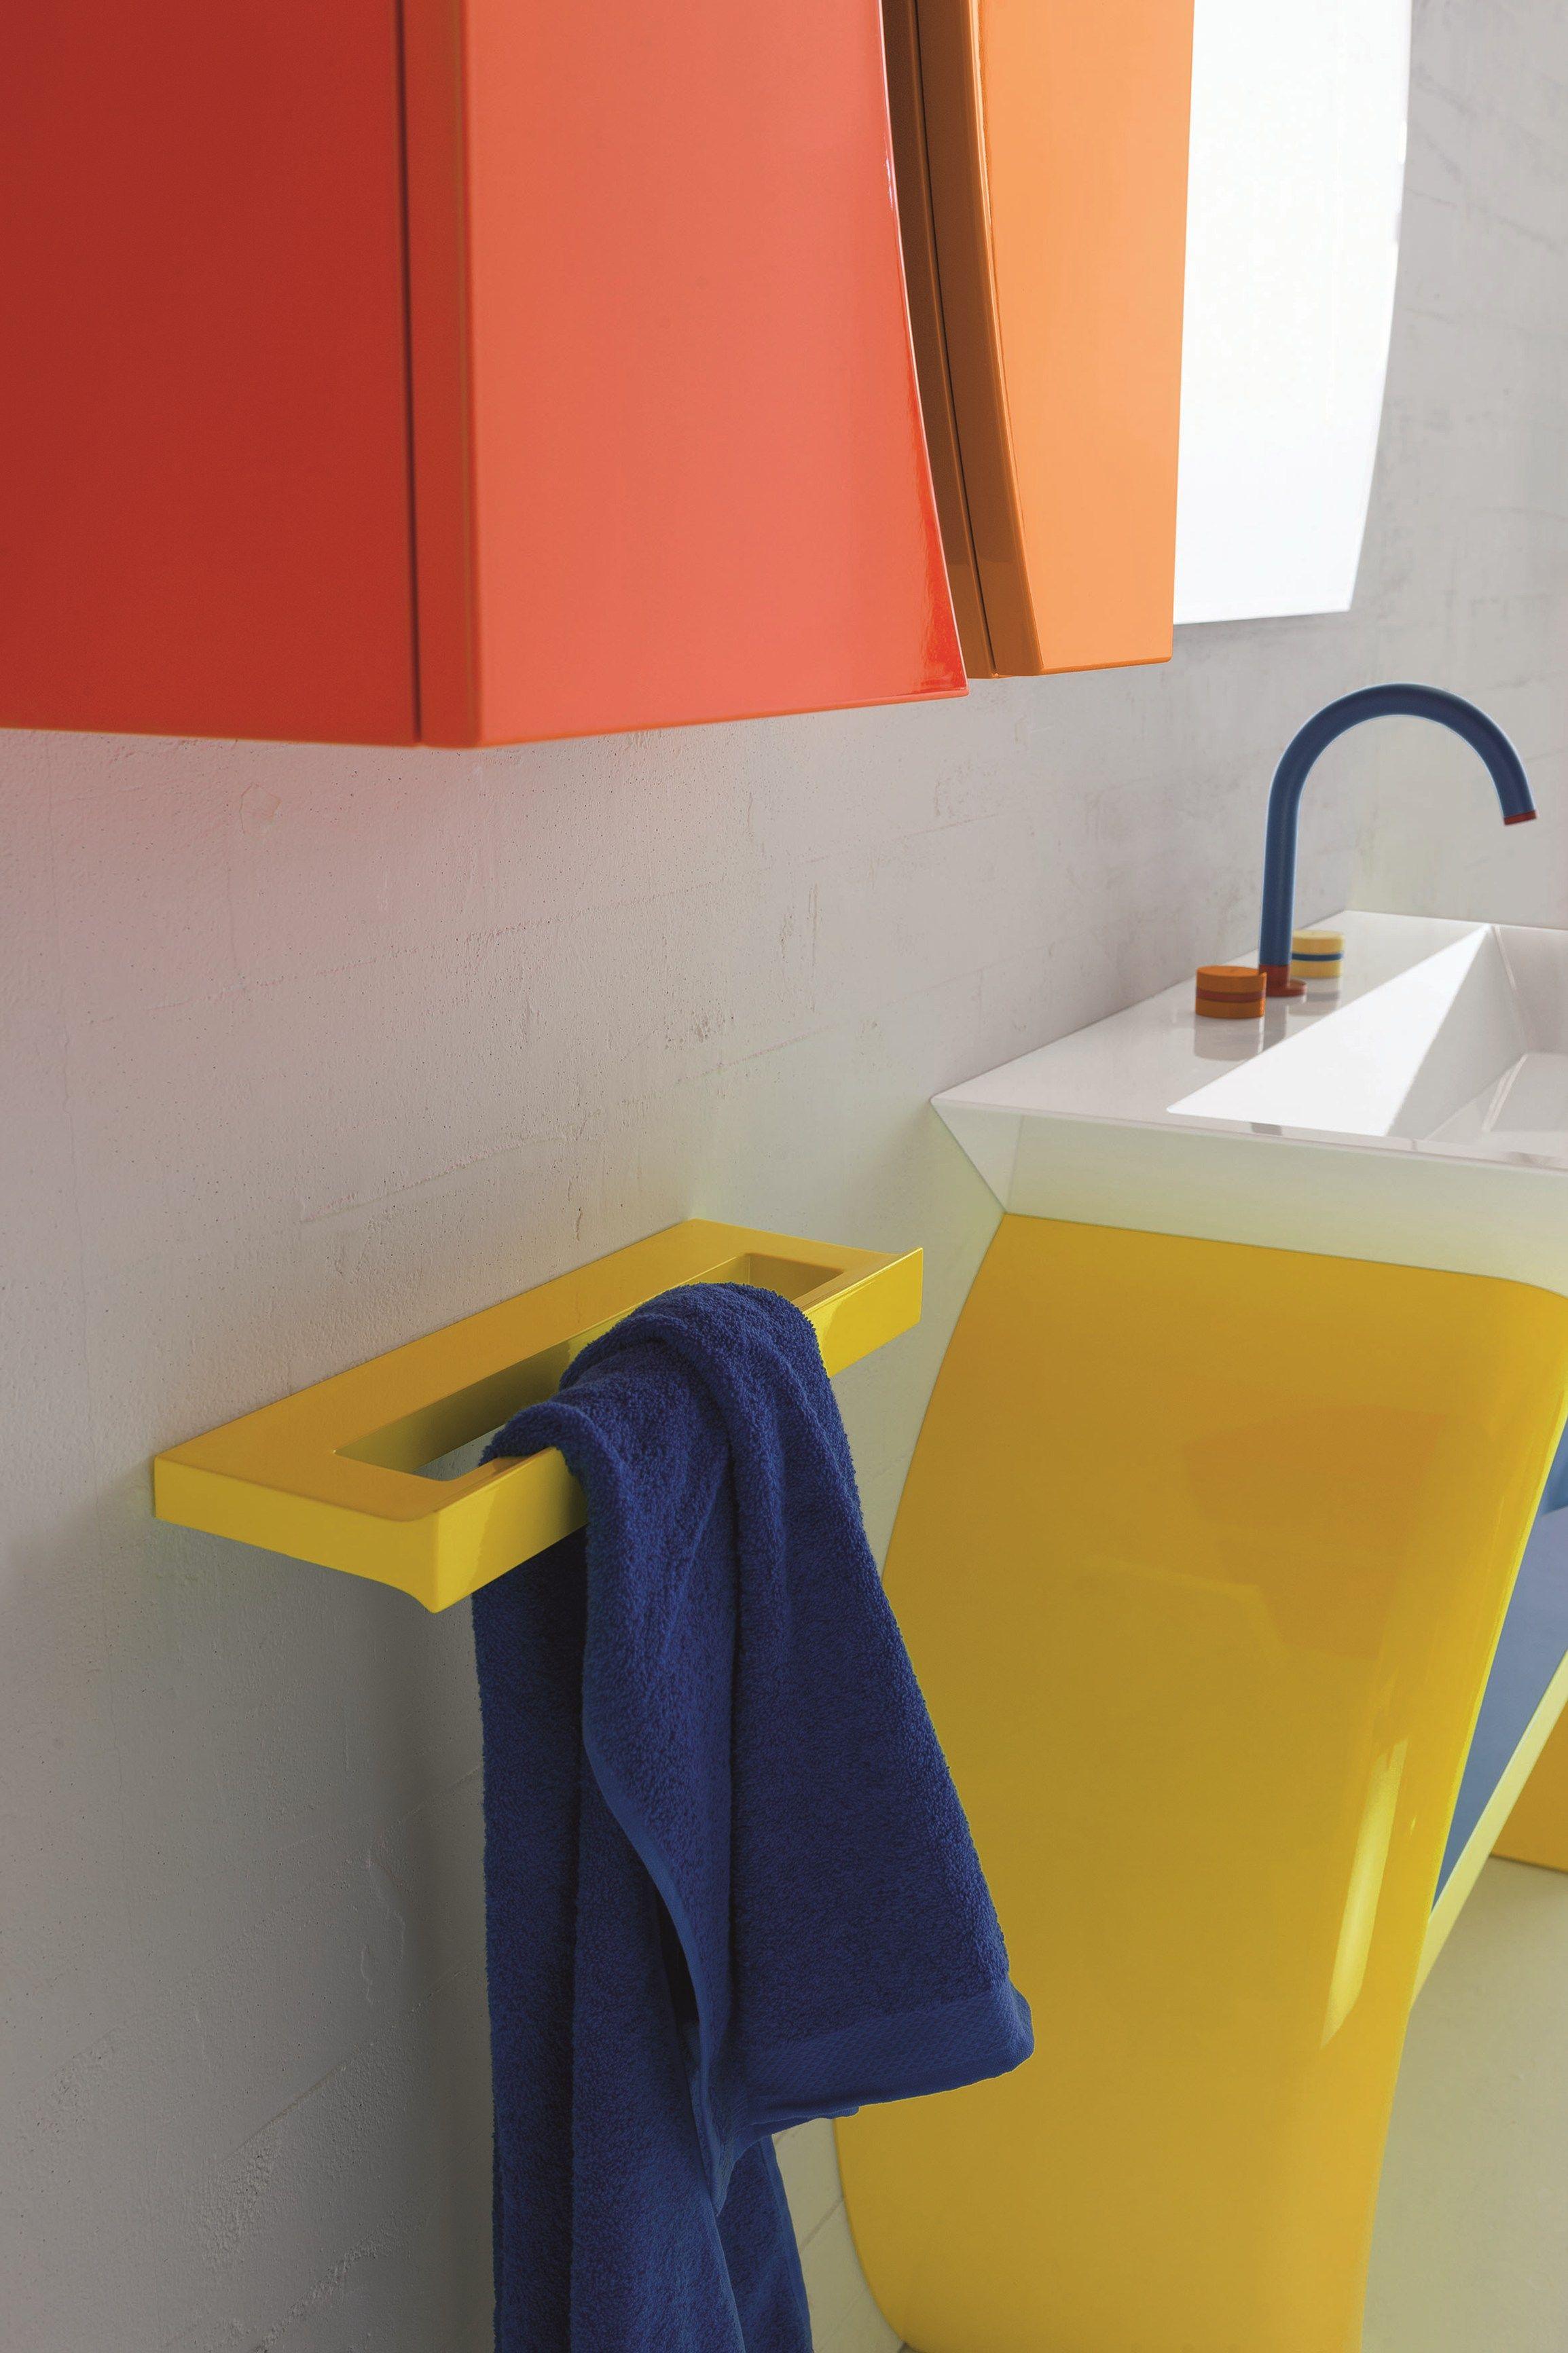 Arredo bagno completo moon 04 by cerasa design marco poletti - Arredo bagno completo ...